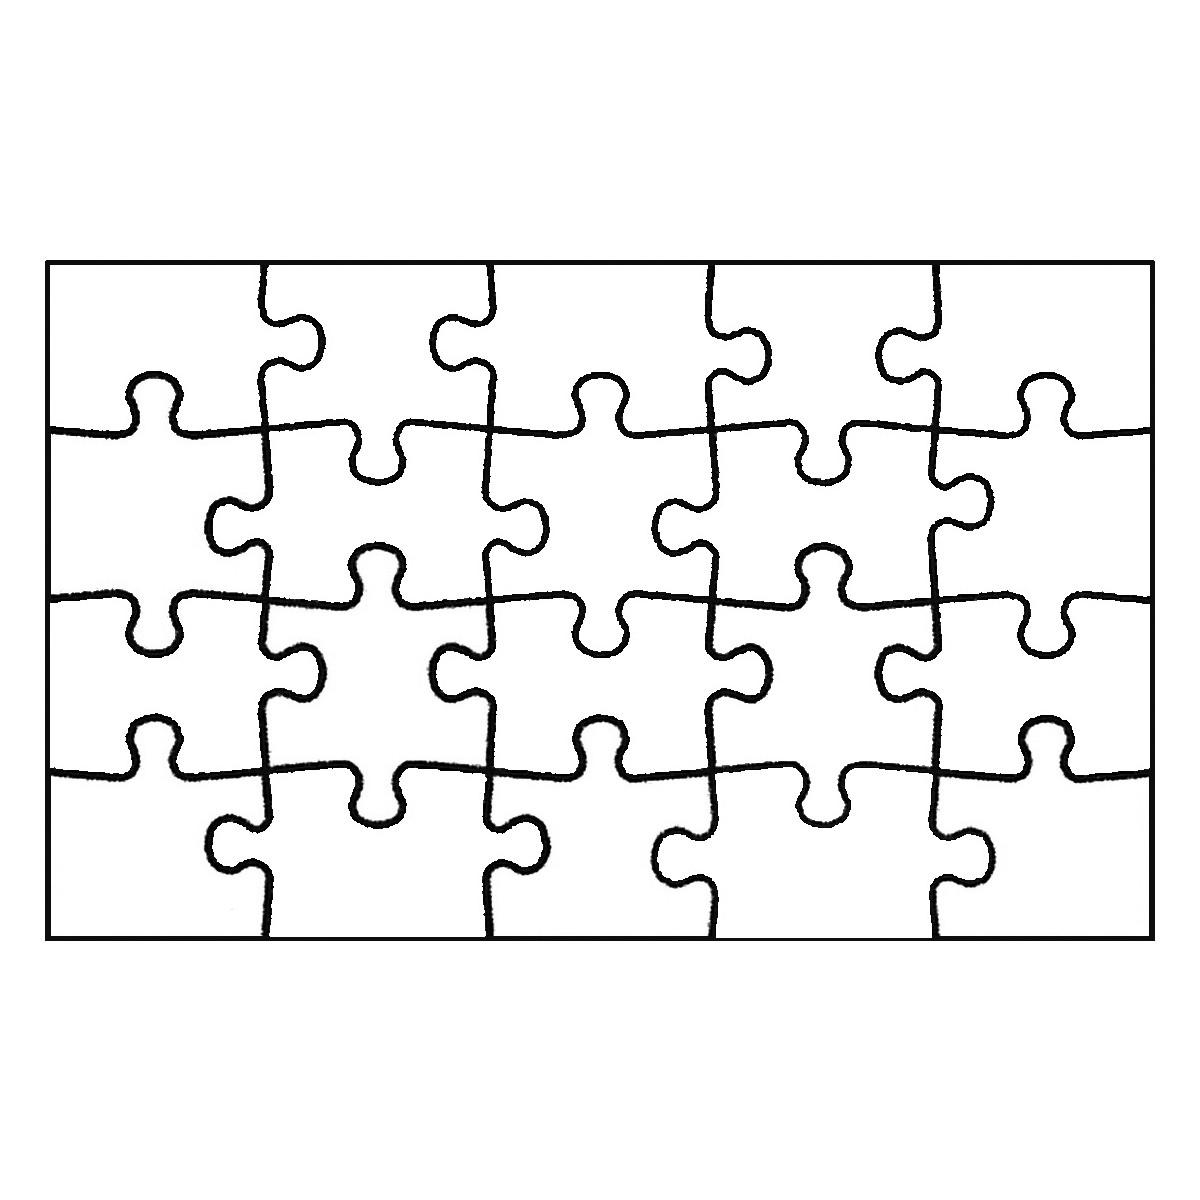 Fantastisch 20 Stück Puzzle Vorlage Ideen - Beispiel Anschreiben für ...